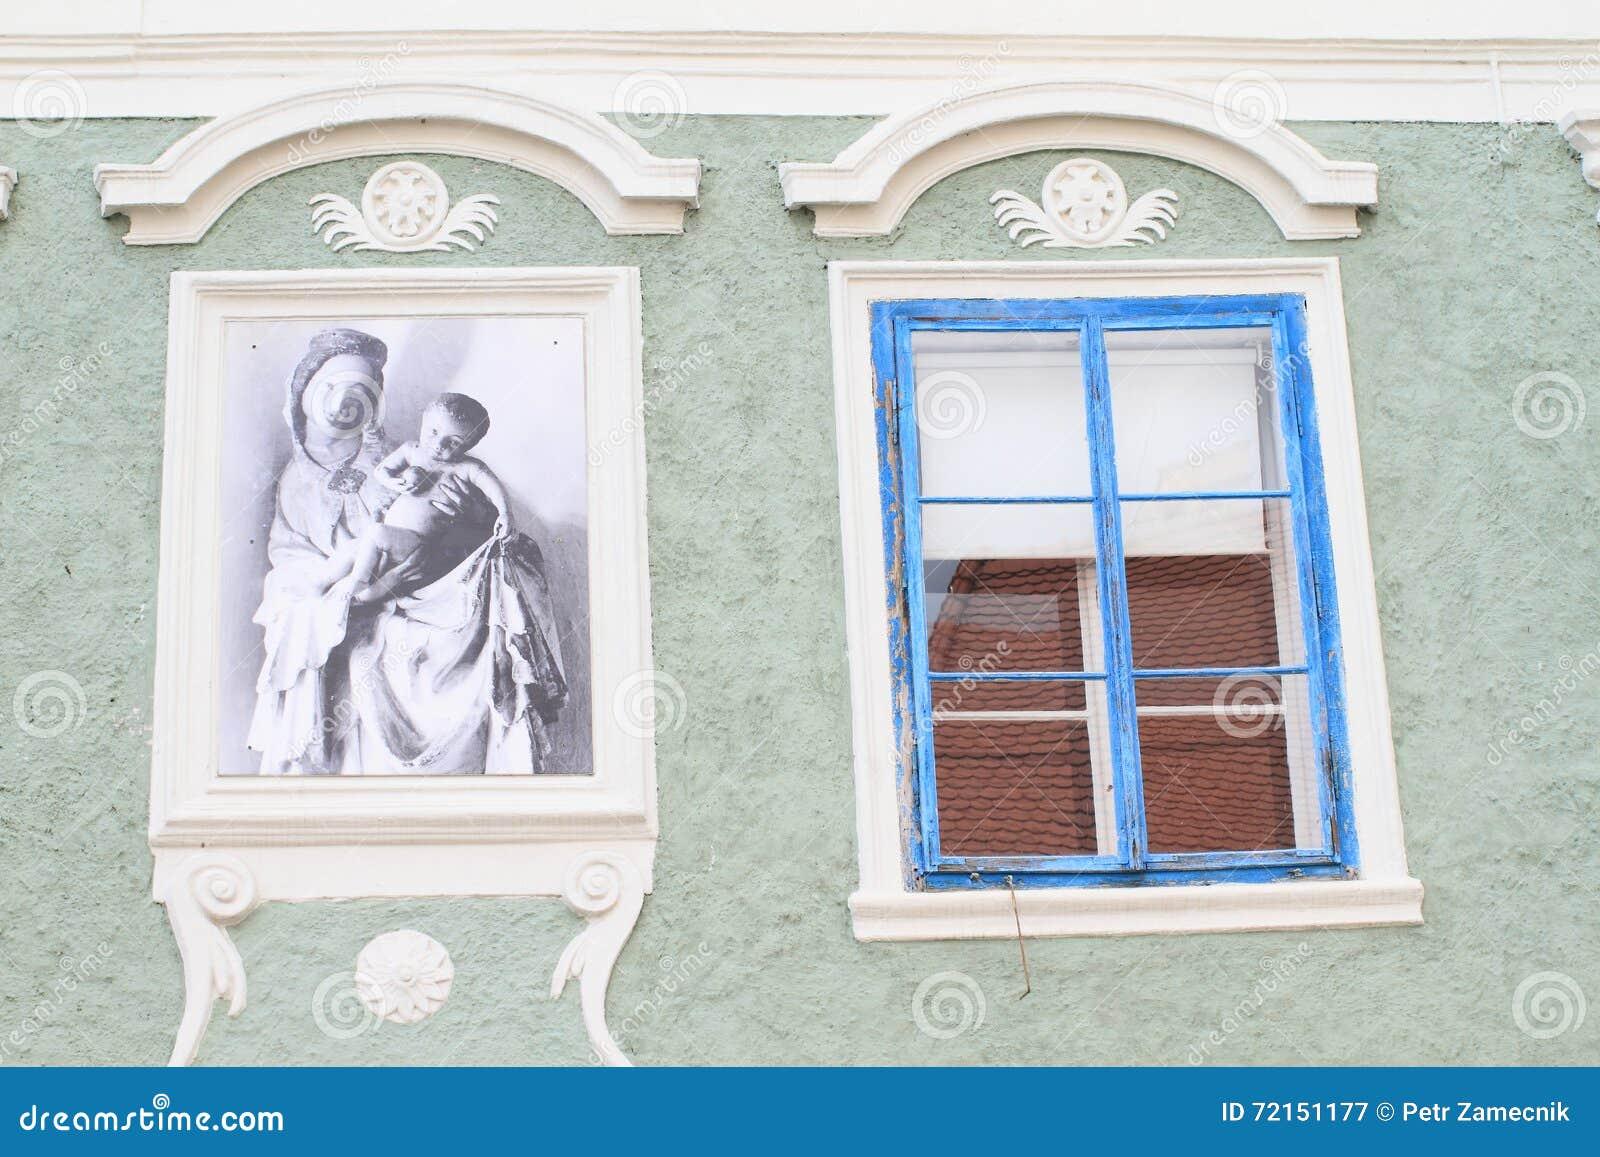 malen und blaues fenster stockbild. bild von architektur - 72151177